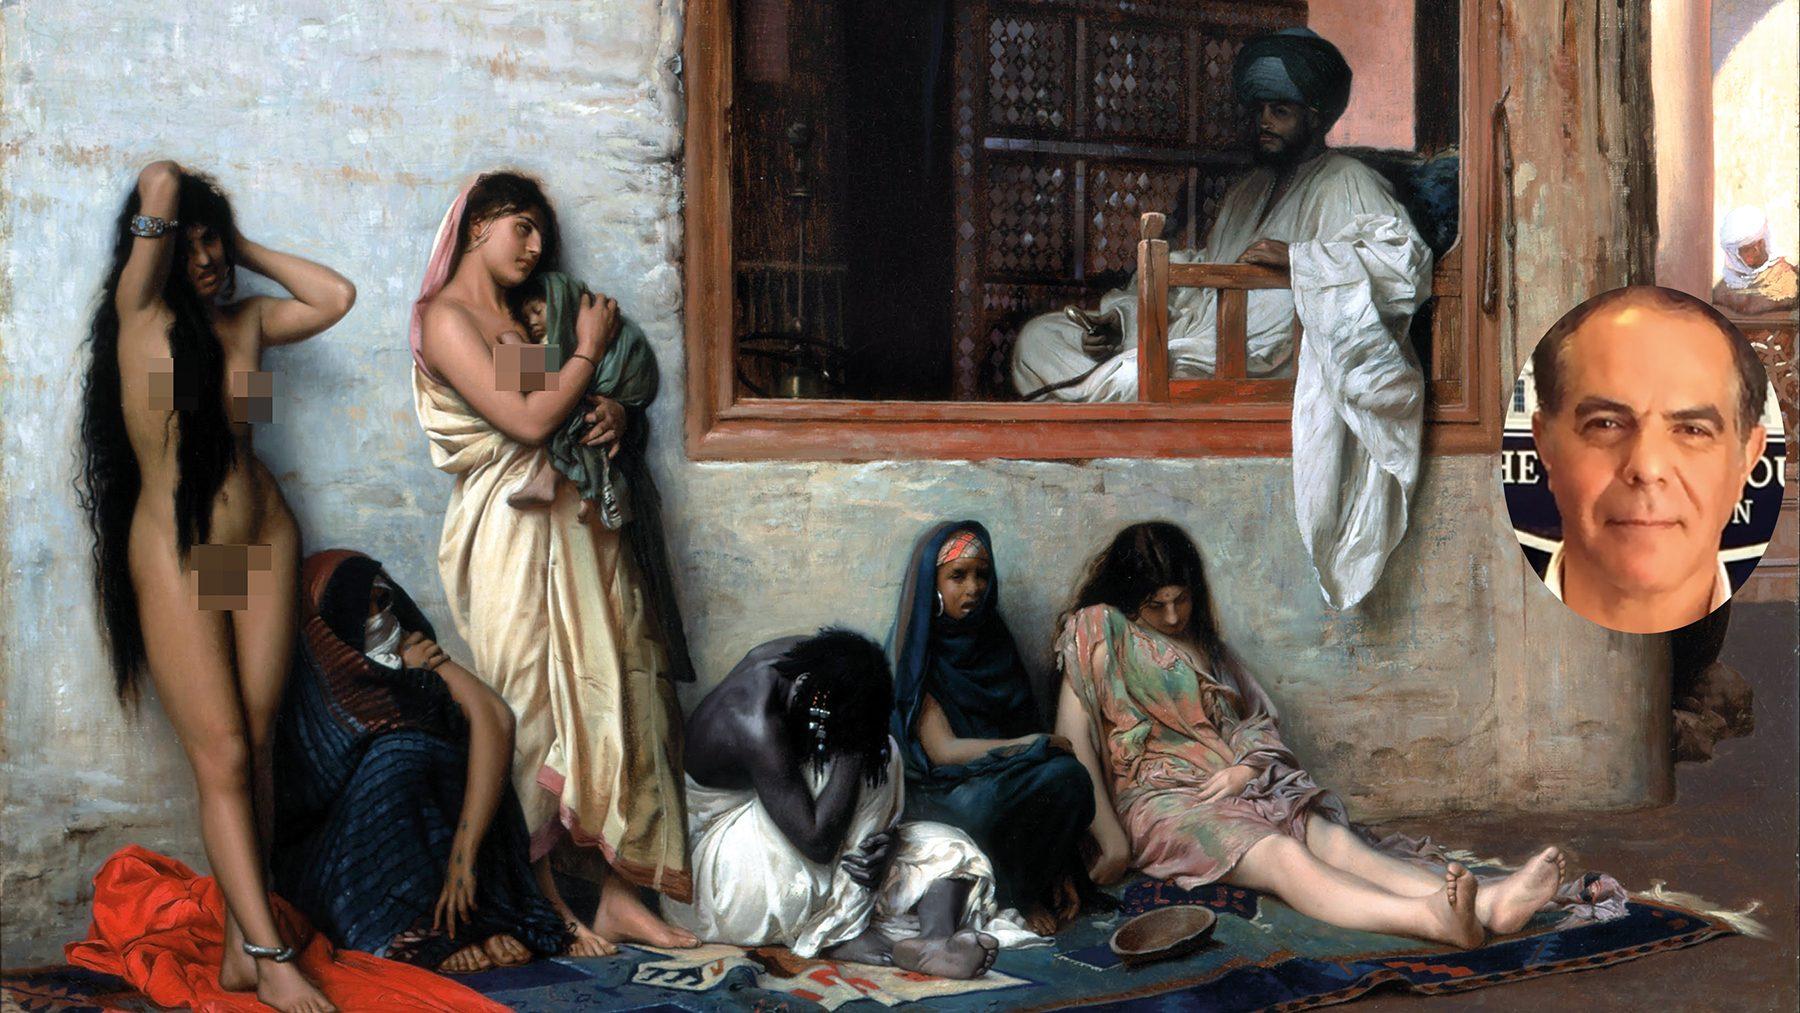 Невесты рабыня разврата видео порно